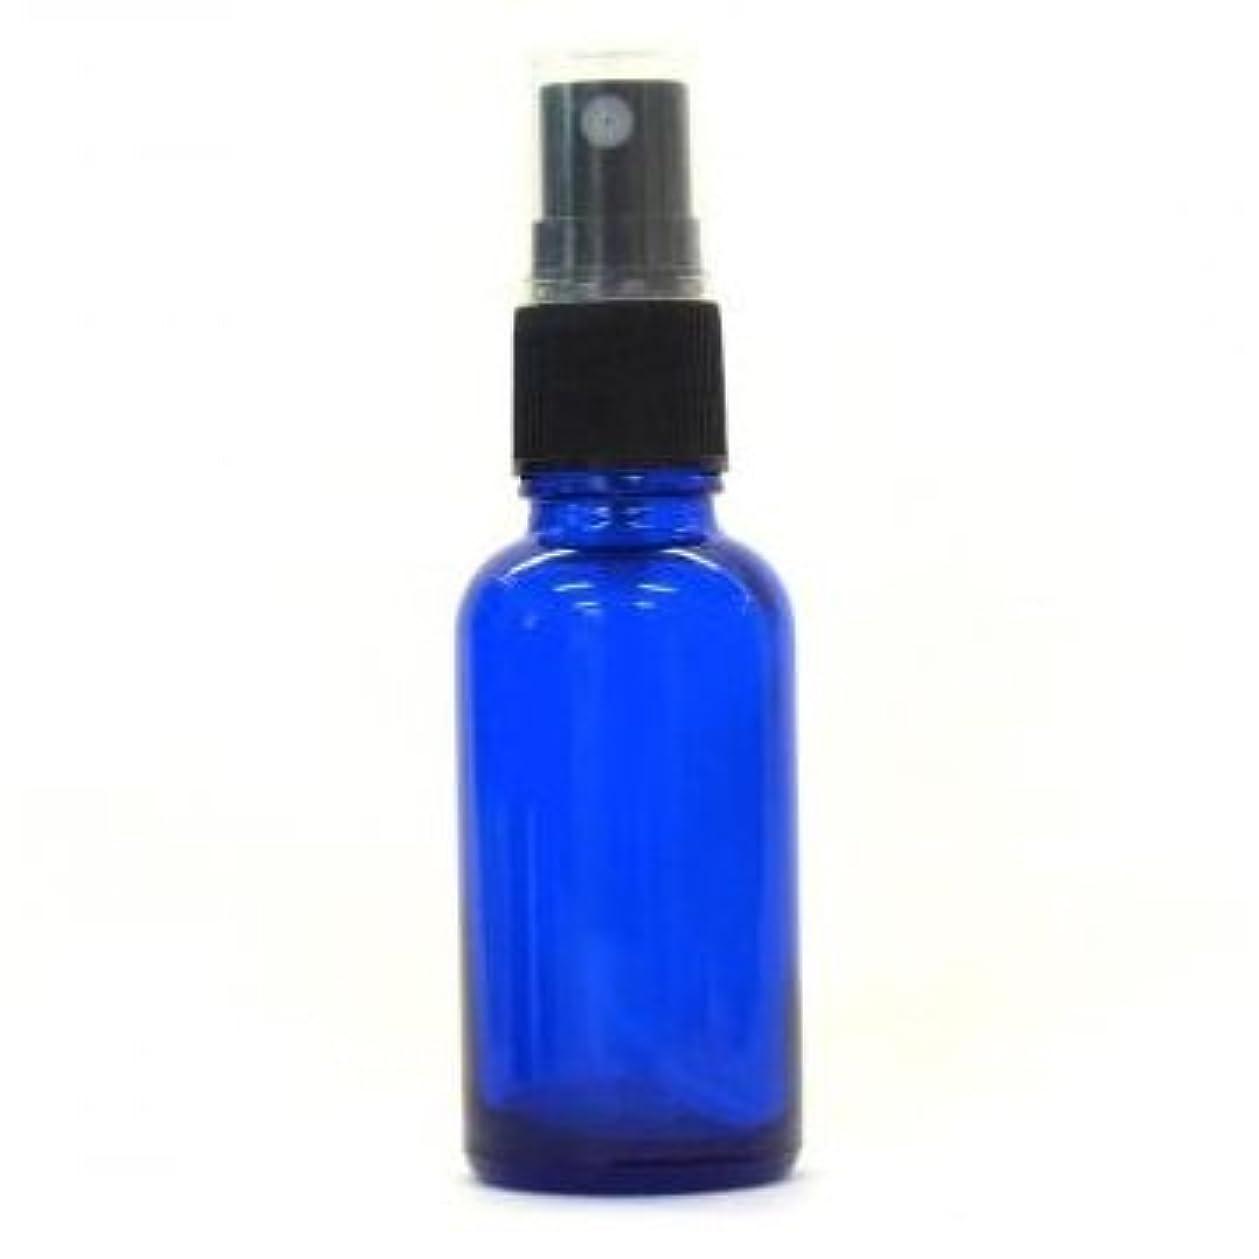 ブラウス和らげる遺跡アロマ遮光瓶 コバルトブルー 30ml フィンガースプレー ガラス瓶 アロマ材料